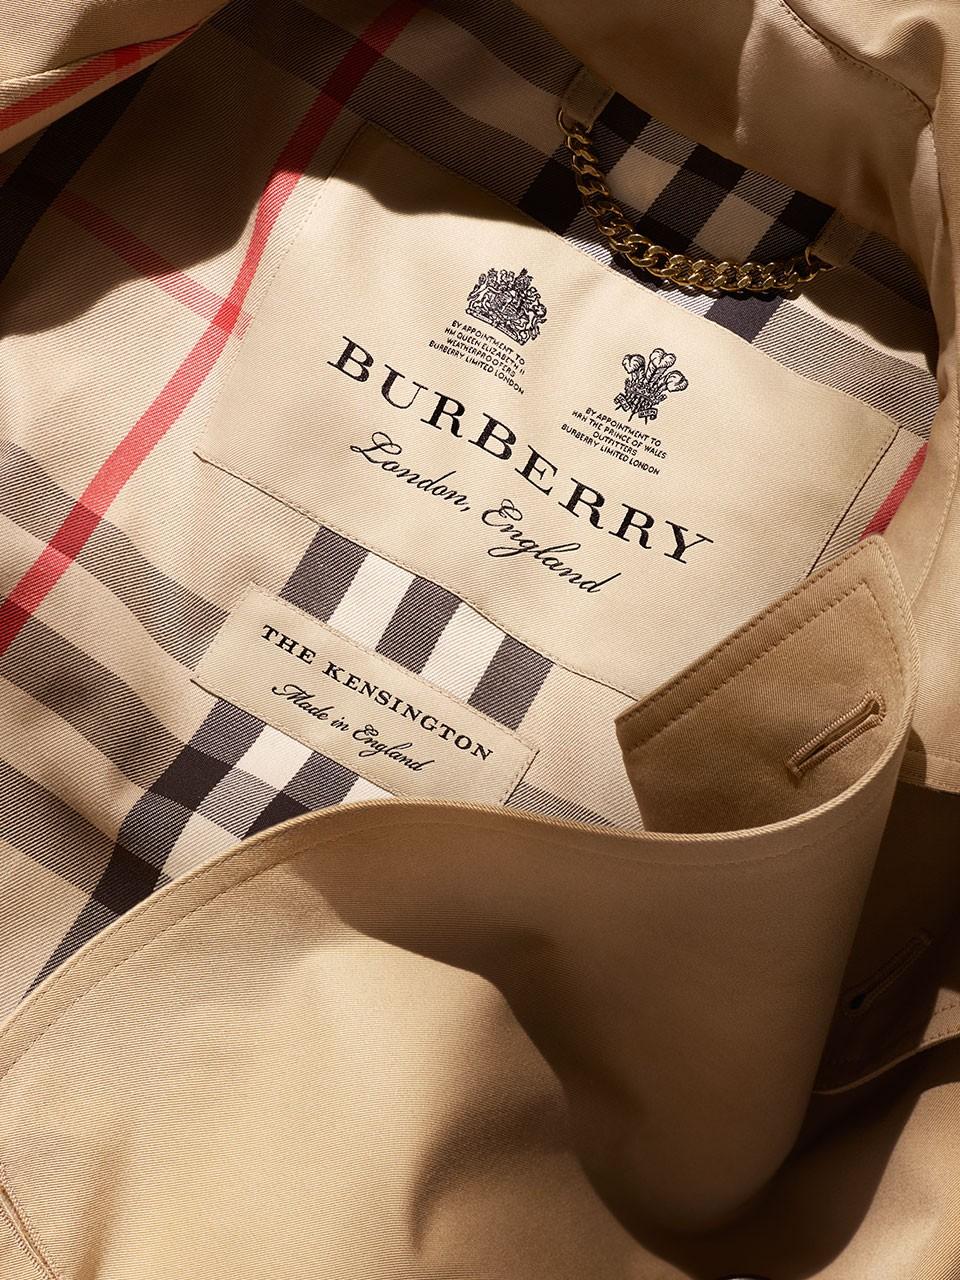 thương hiệu burberry thay đổi biểu tượng 4